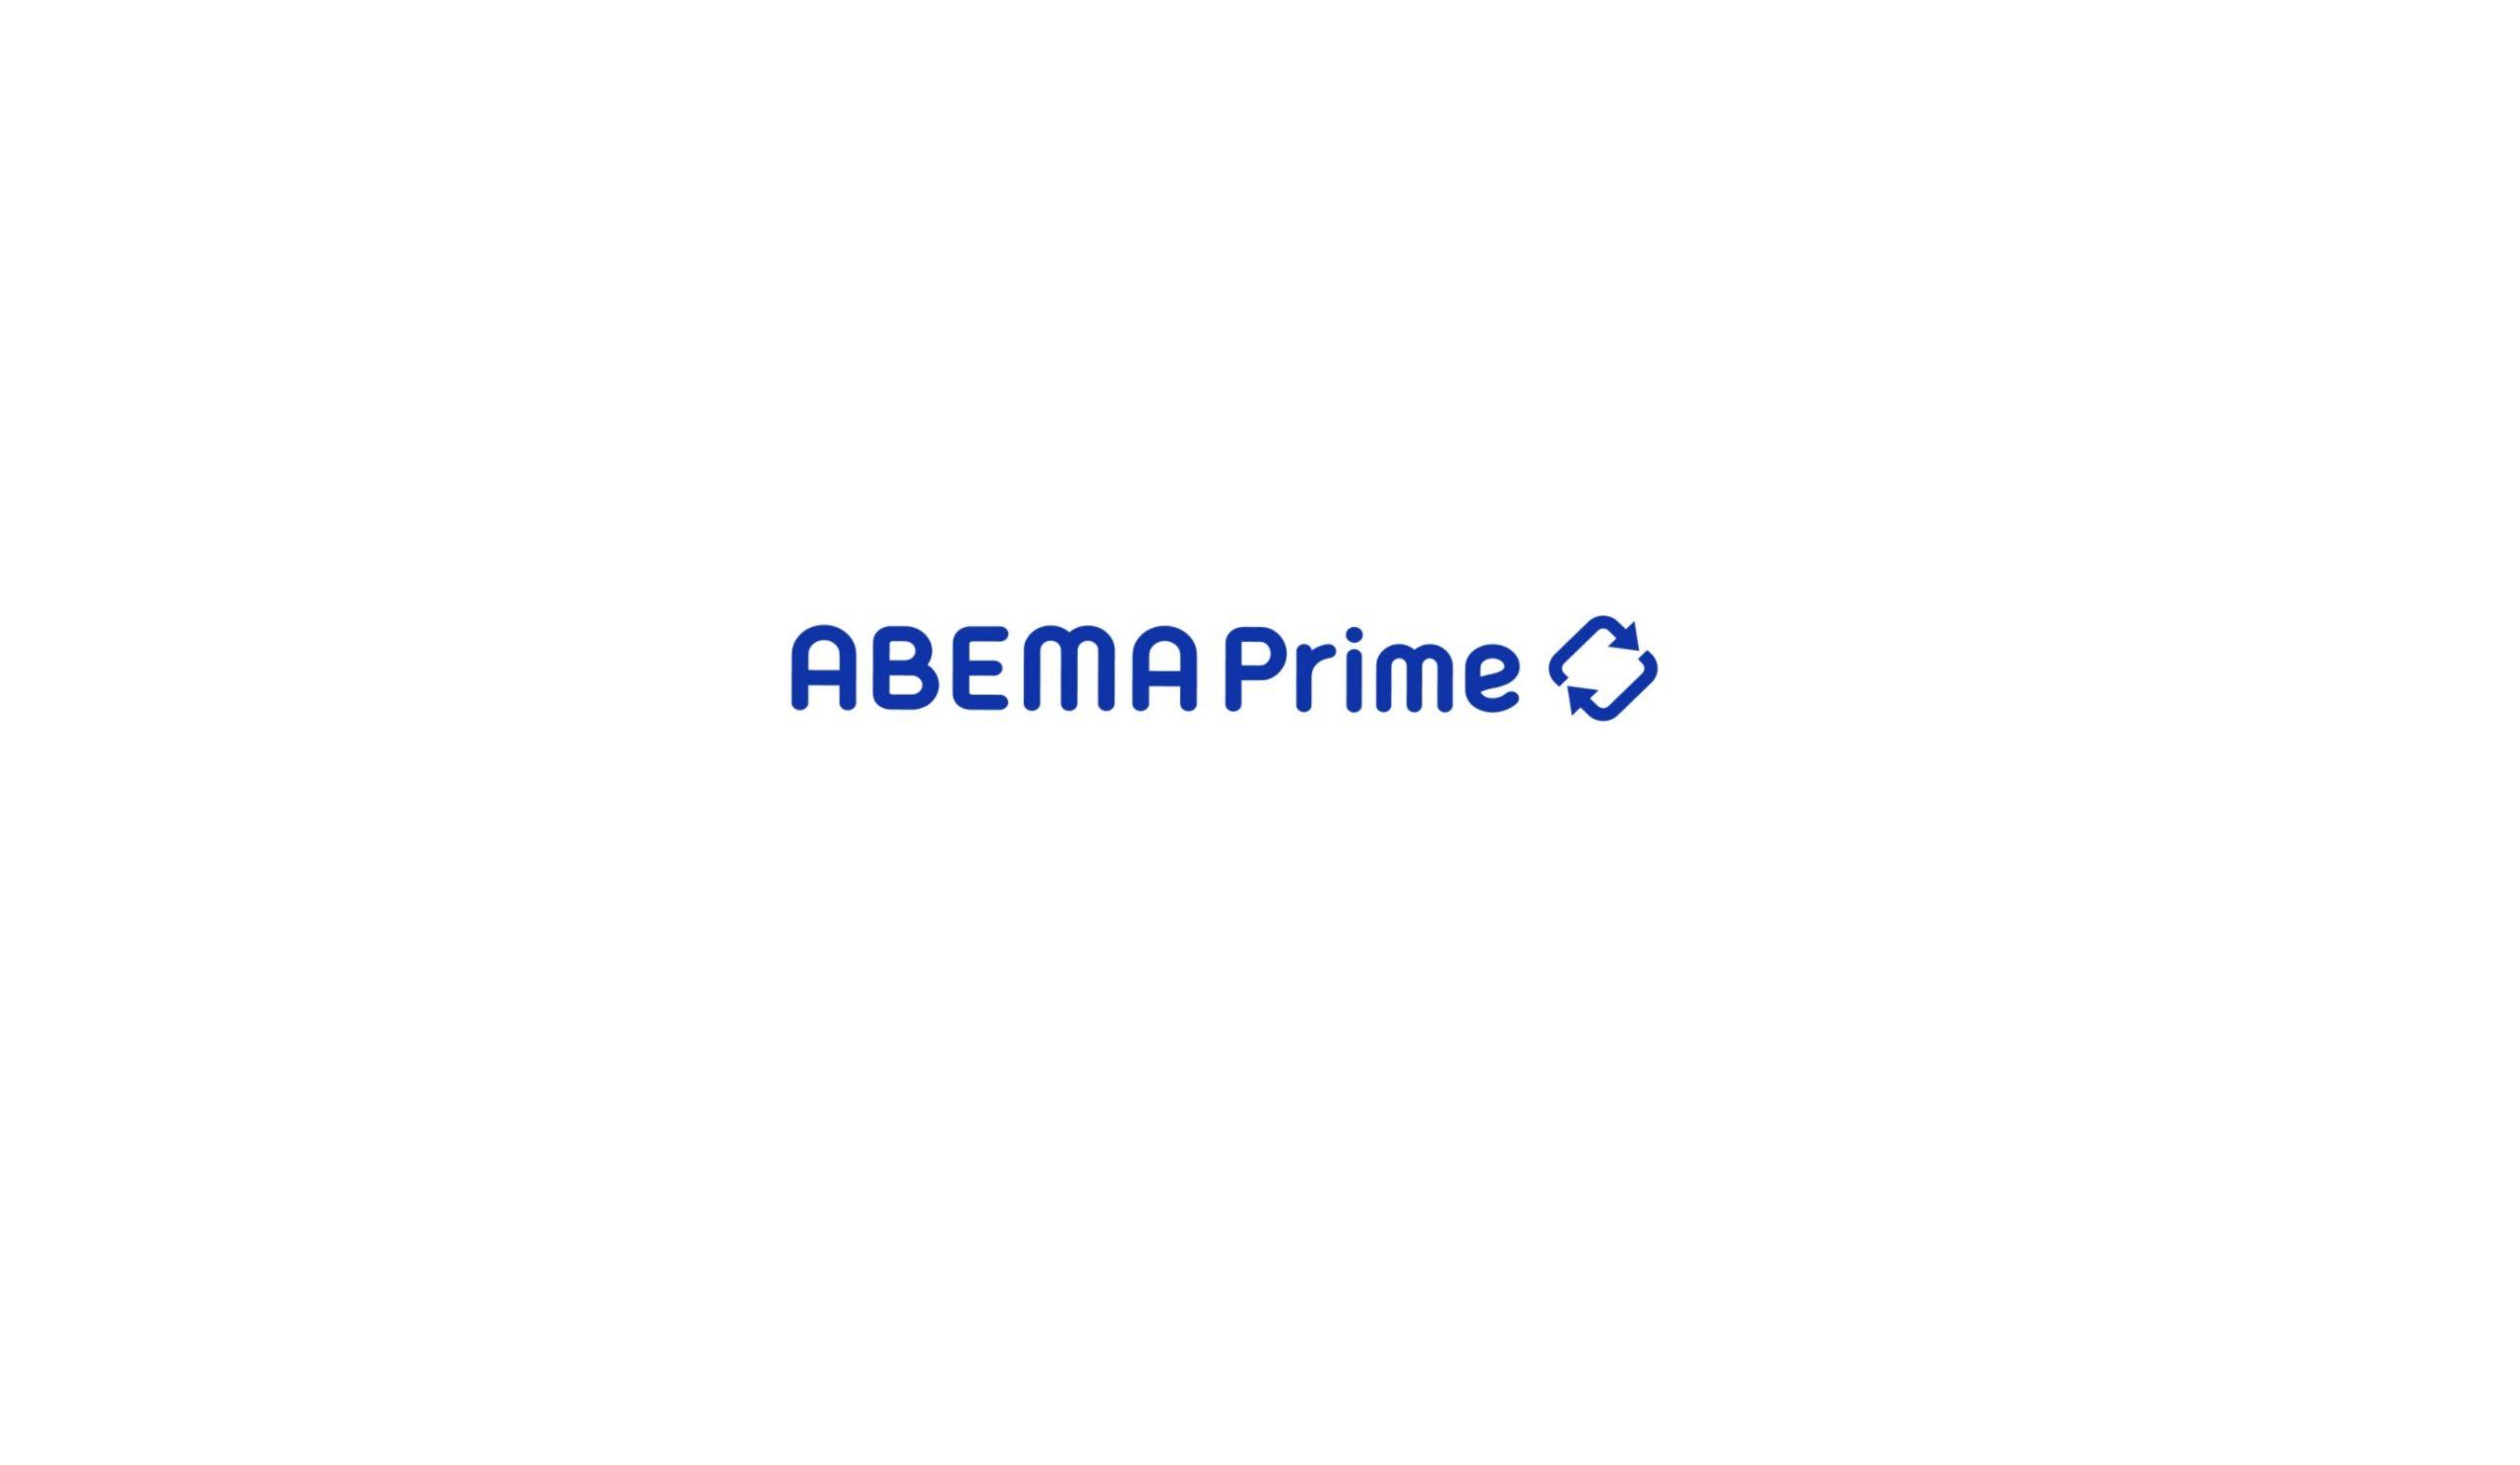 ABEMA Primeに取り上げていただきました